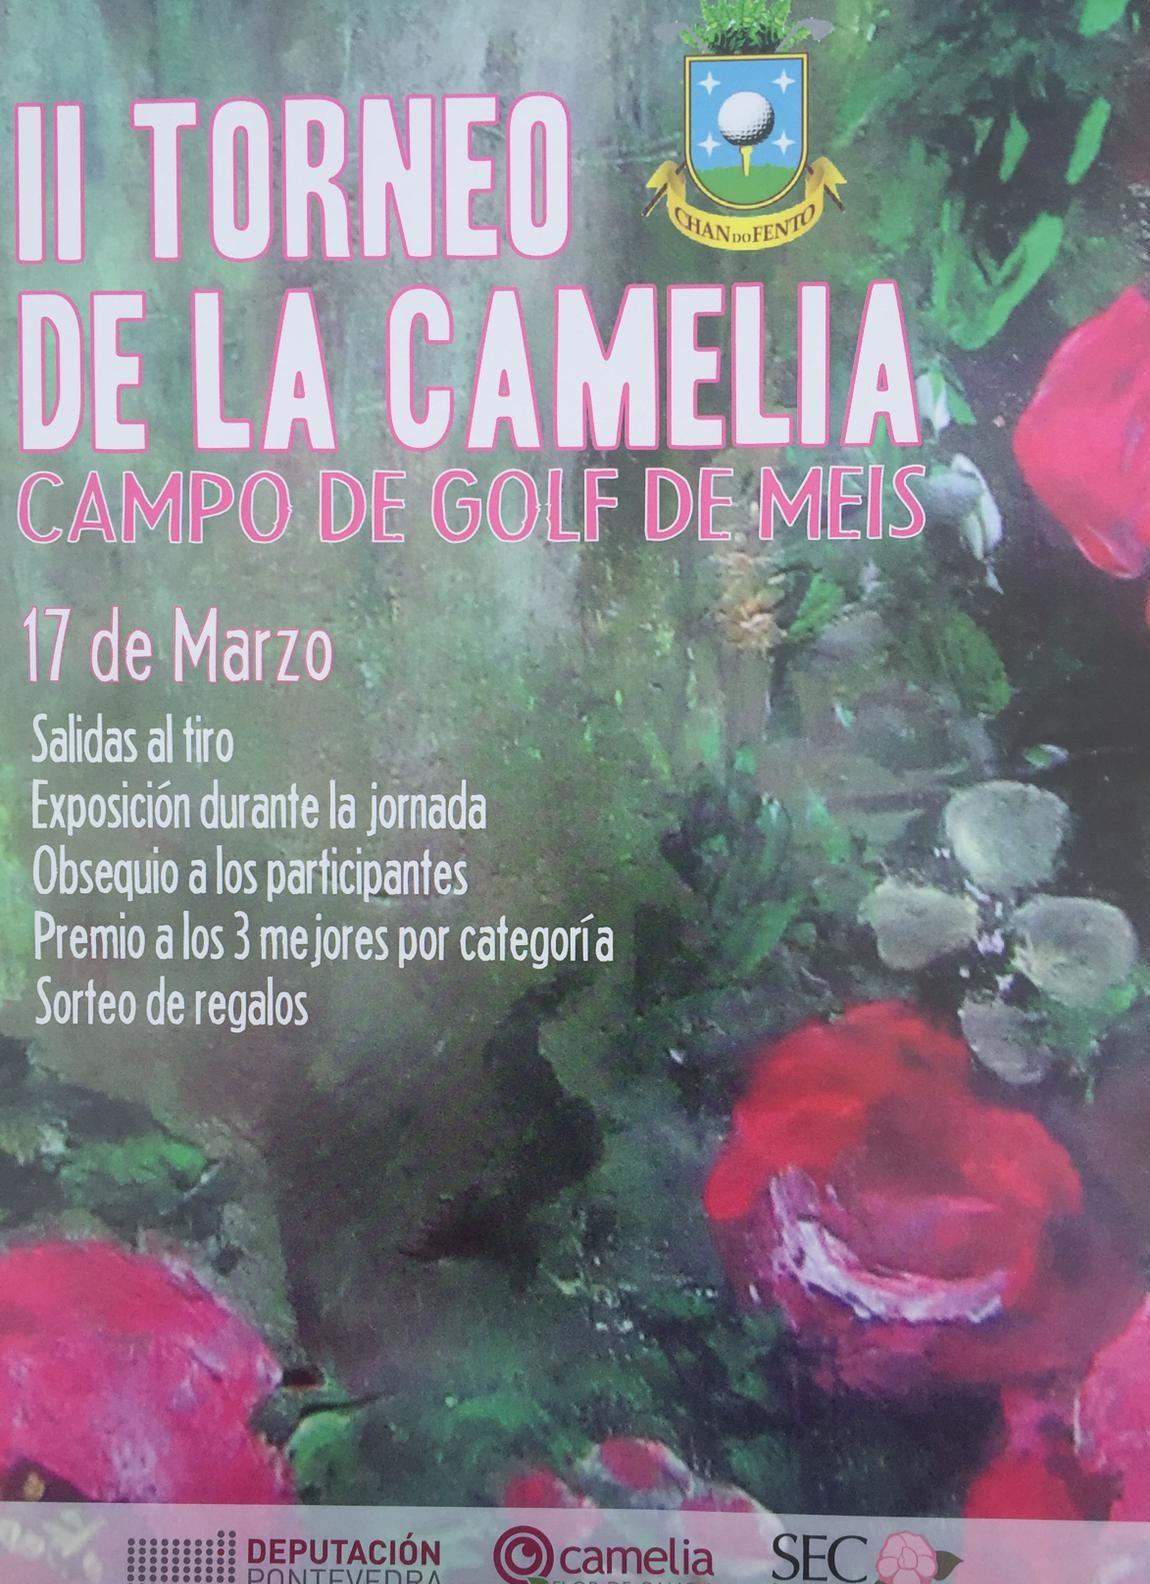 II TORNEO DE LA CAMELIA